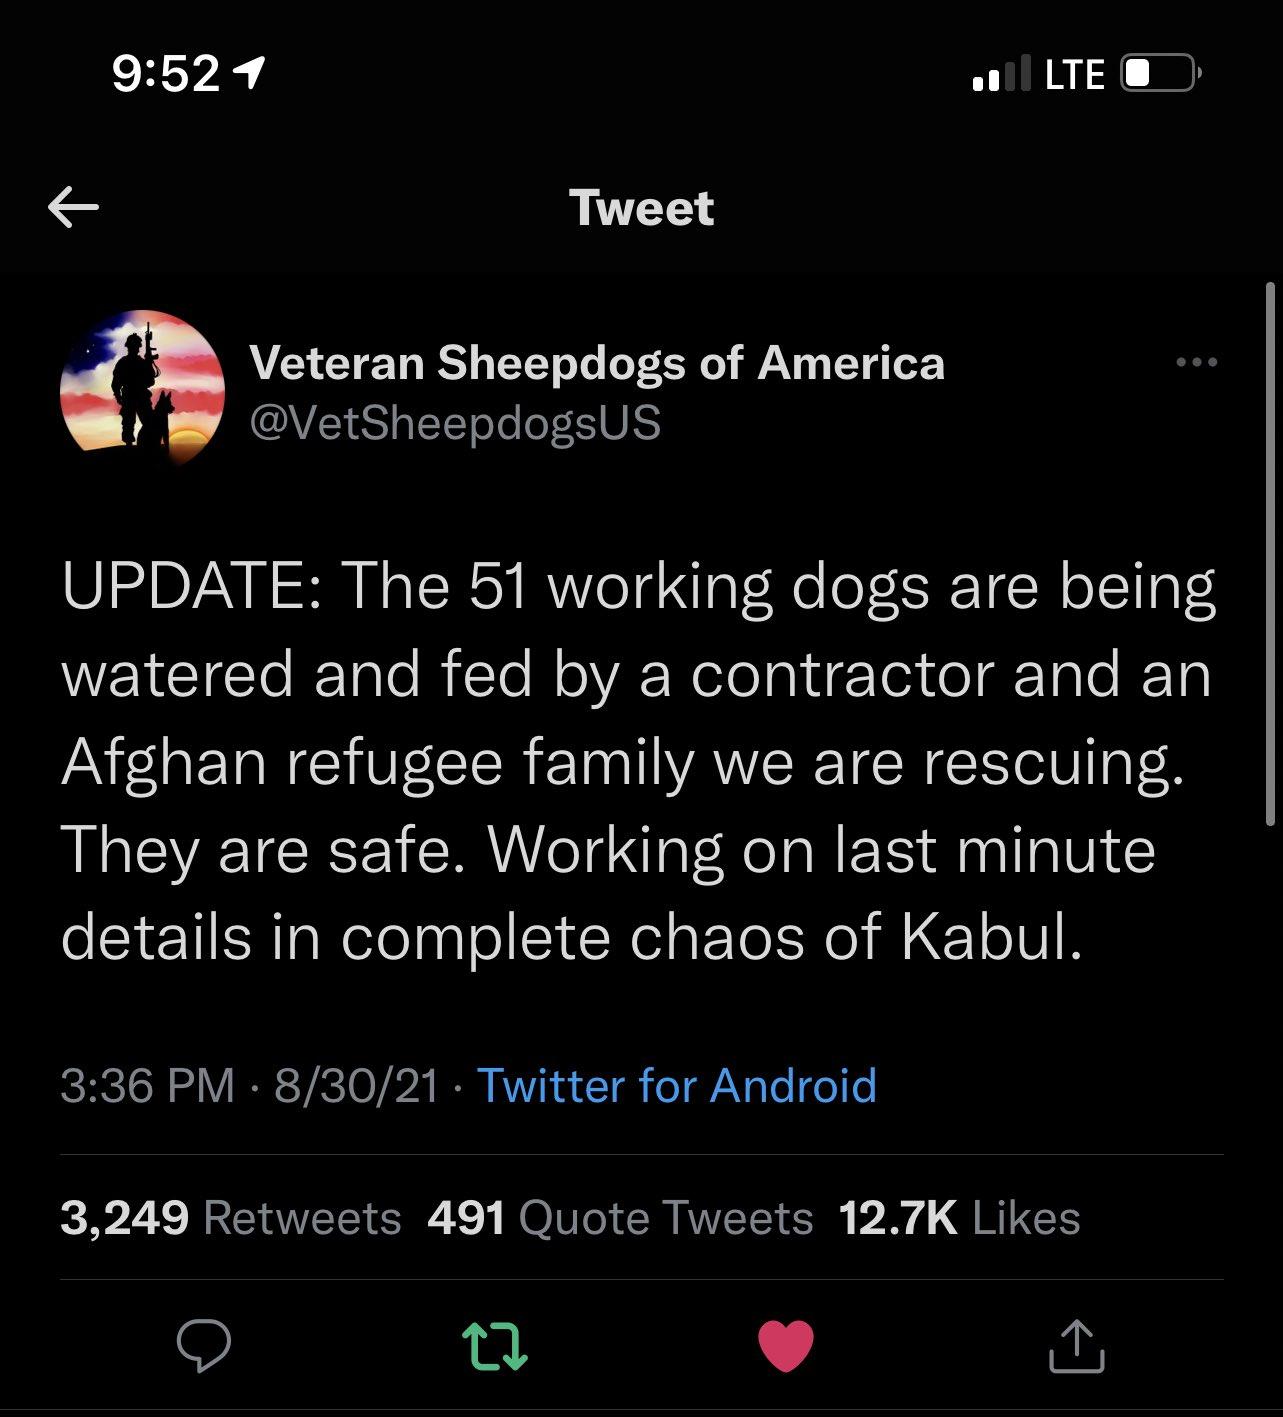 הצבא האמרקאי נטש 51 כלבים בכלובים למות מרעב וצמא בתוך כלובים סגורים בבסיסים באפגניסטאן E-FauEcXIAQB_90?format=jpg&name=large